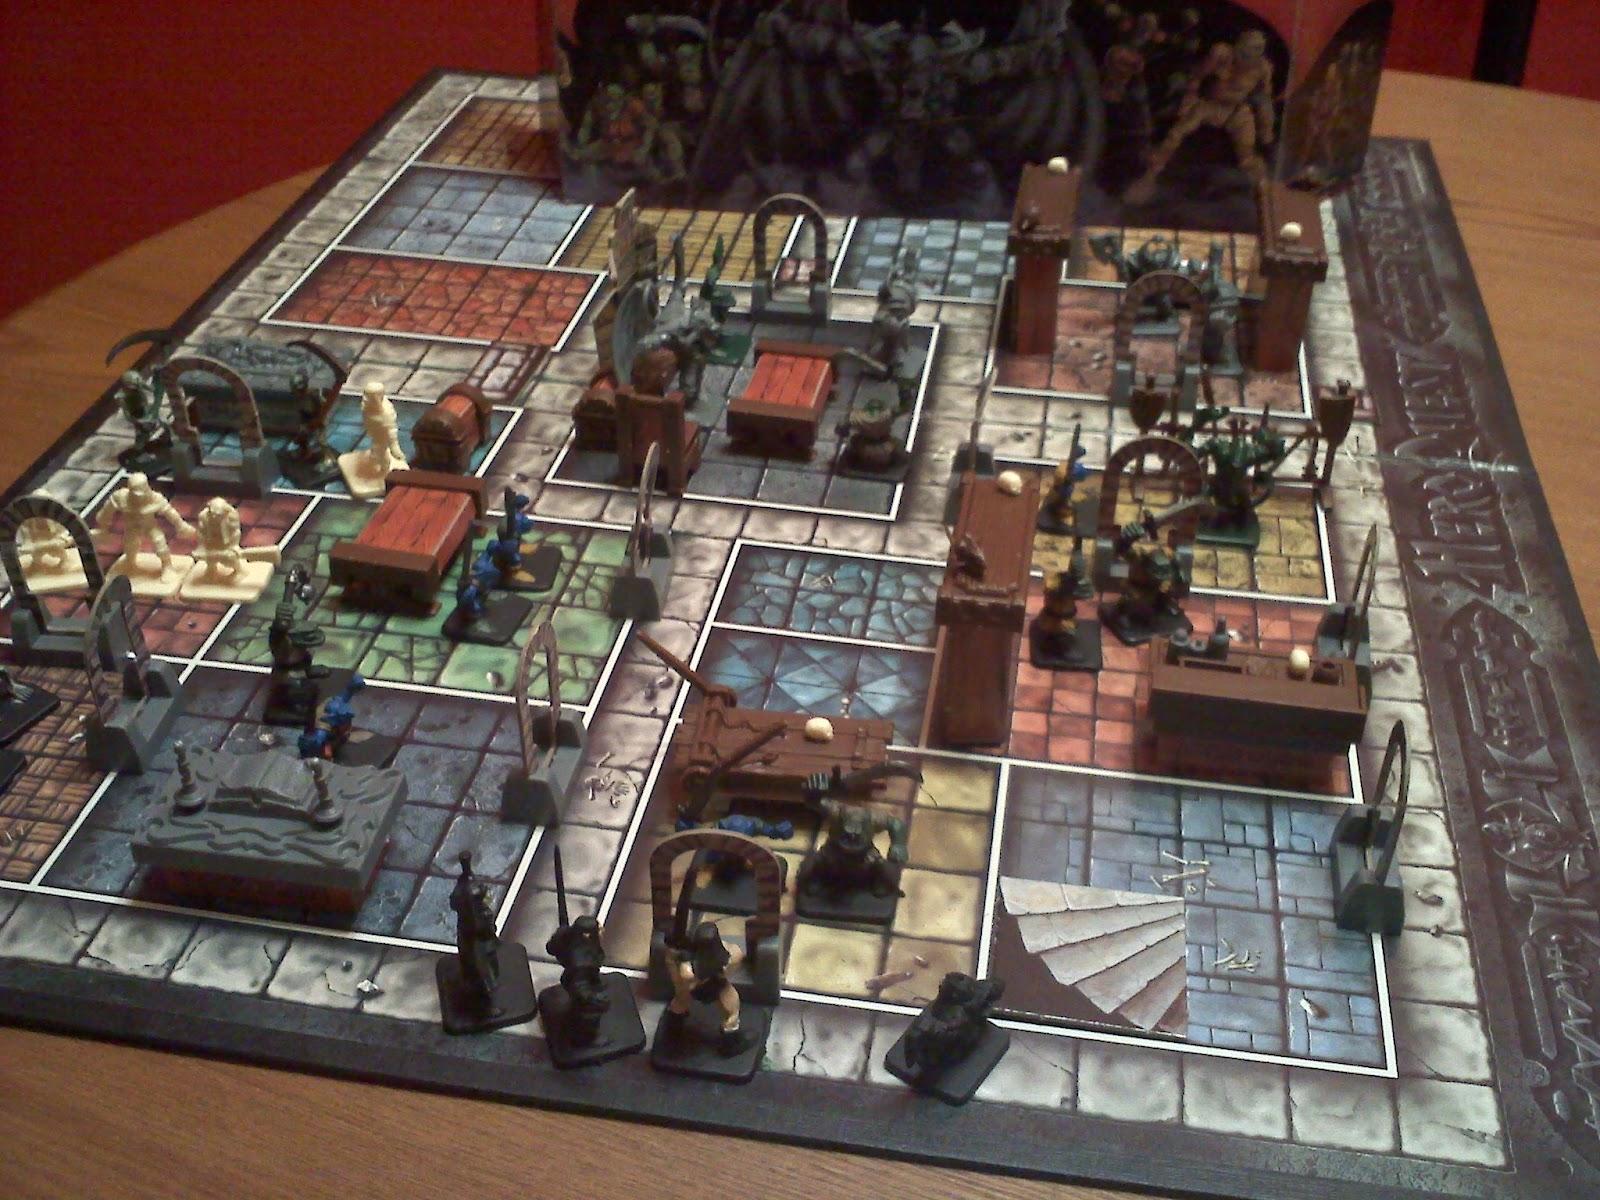 Corbania prime barrels and boxes everywhere - Dungeon gioco da tavolo ...